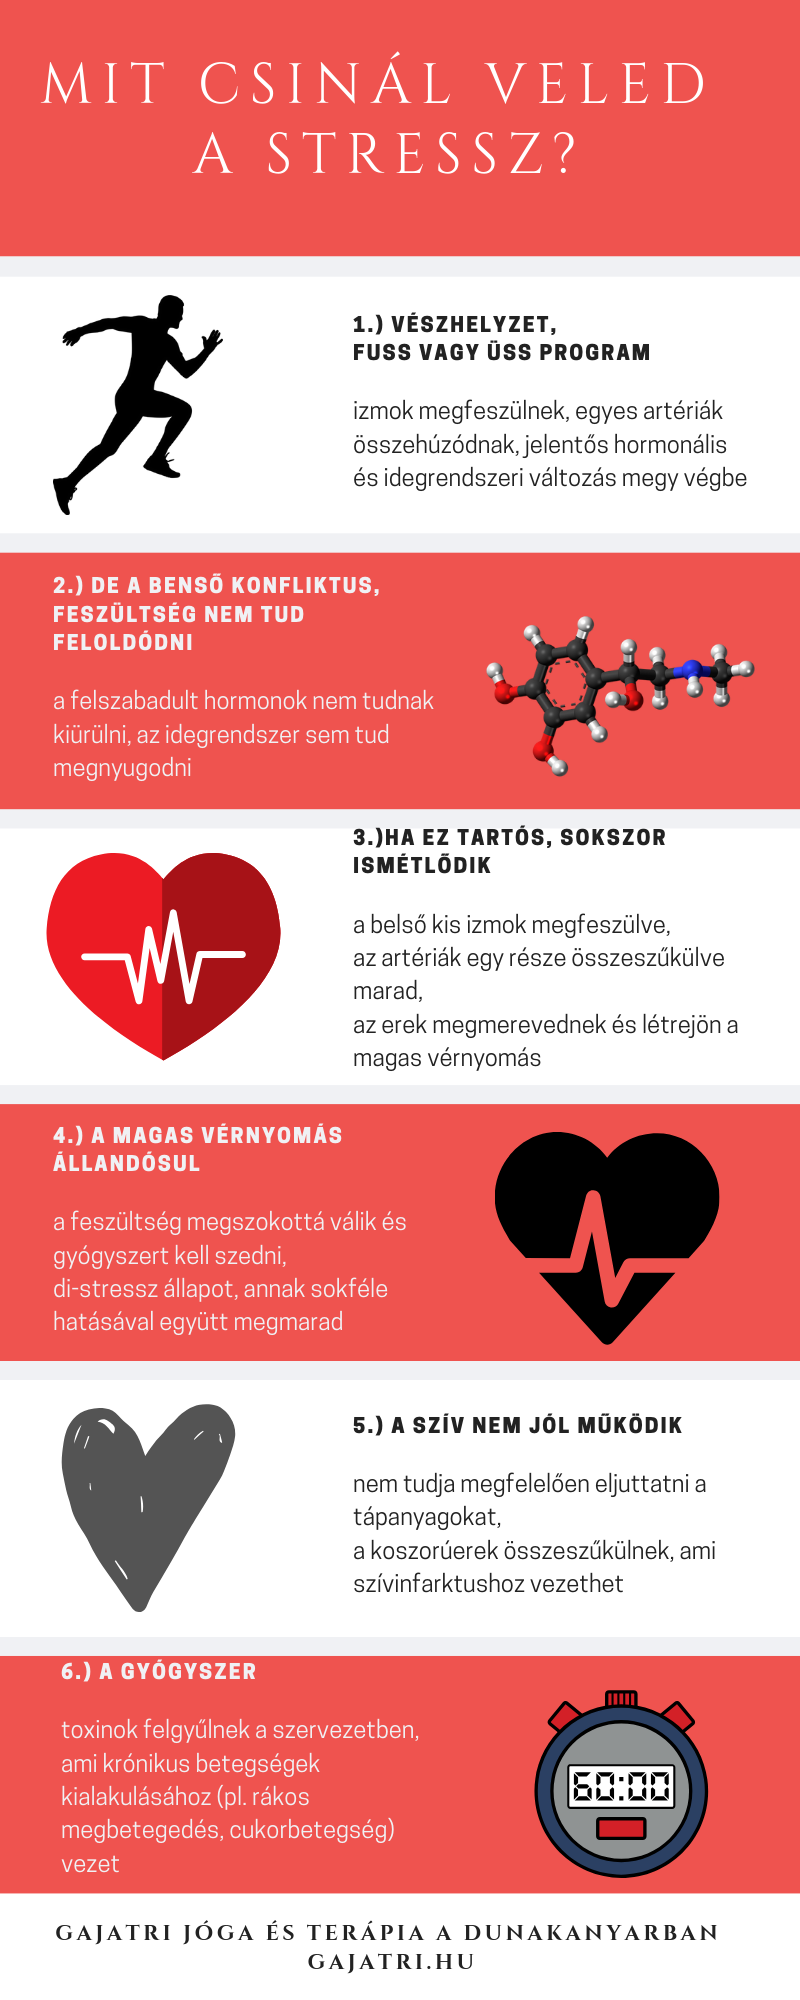 magas vérnyomás a sajtó pumpálásához étel és ital magas vérnyomás esetén